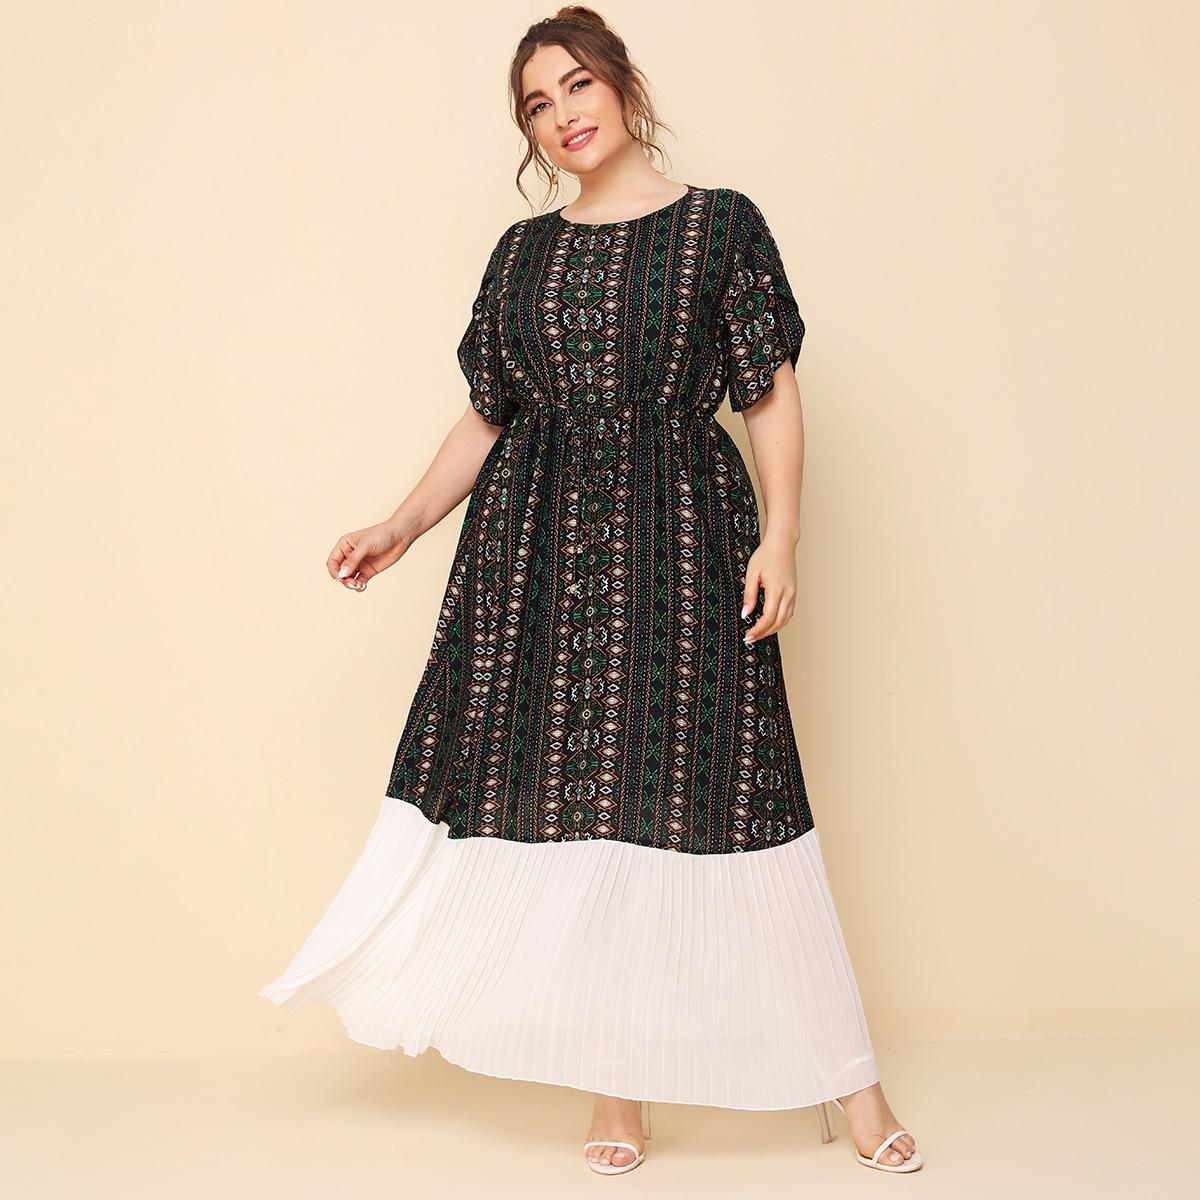 Многихцветные плиссированное Этнический Элегантный Платья размер плюс фото